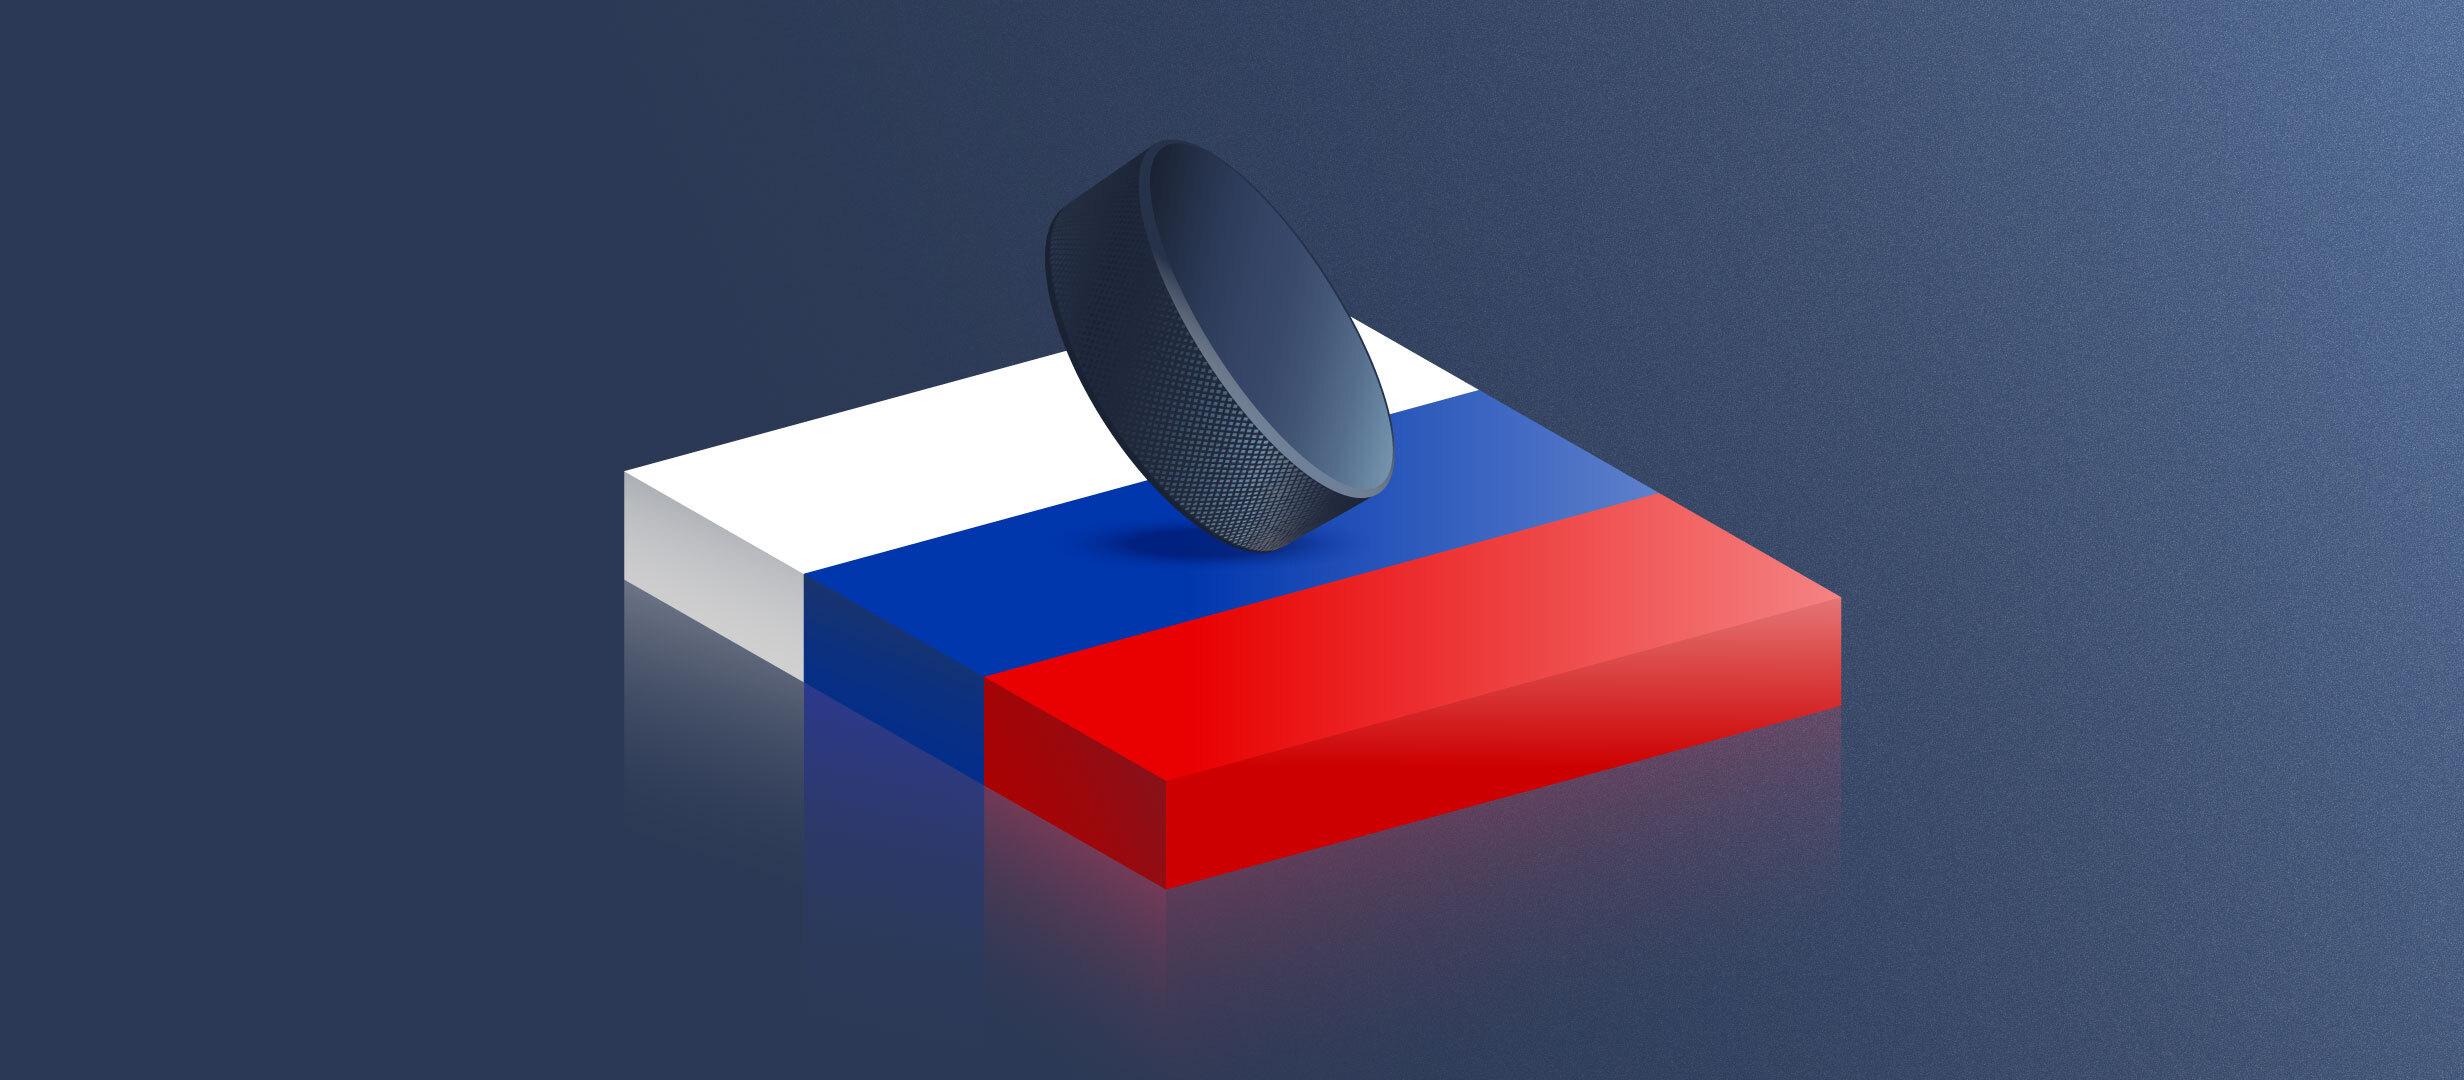 НХЛ по-русски: чего ждать от российских хоккеистов в новом сезоне?